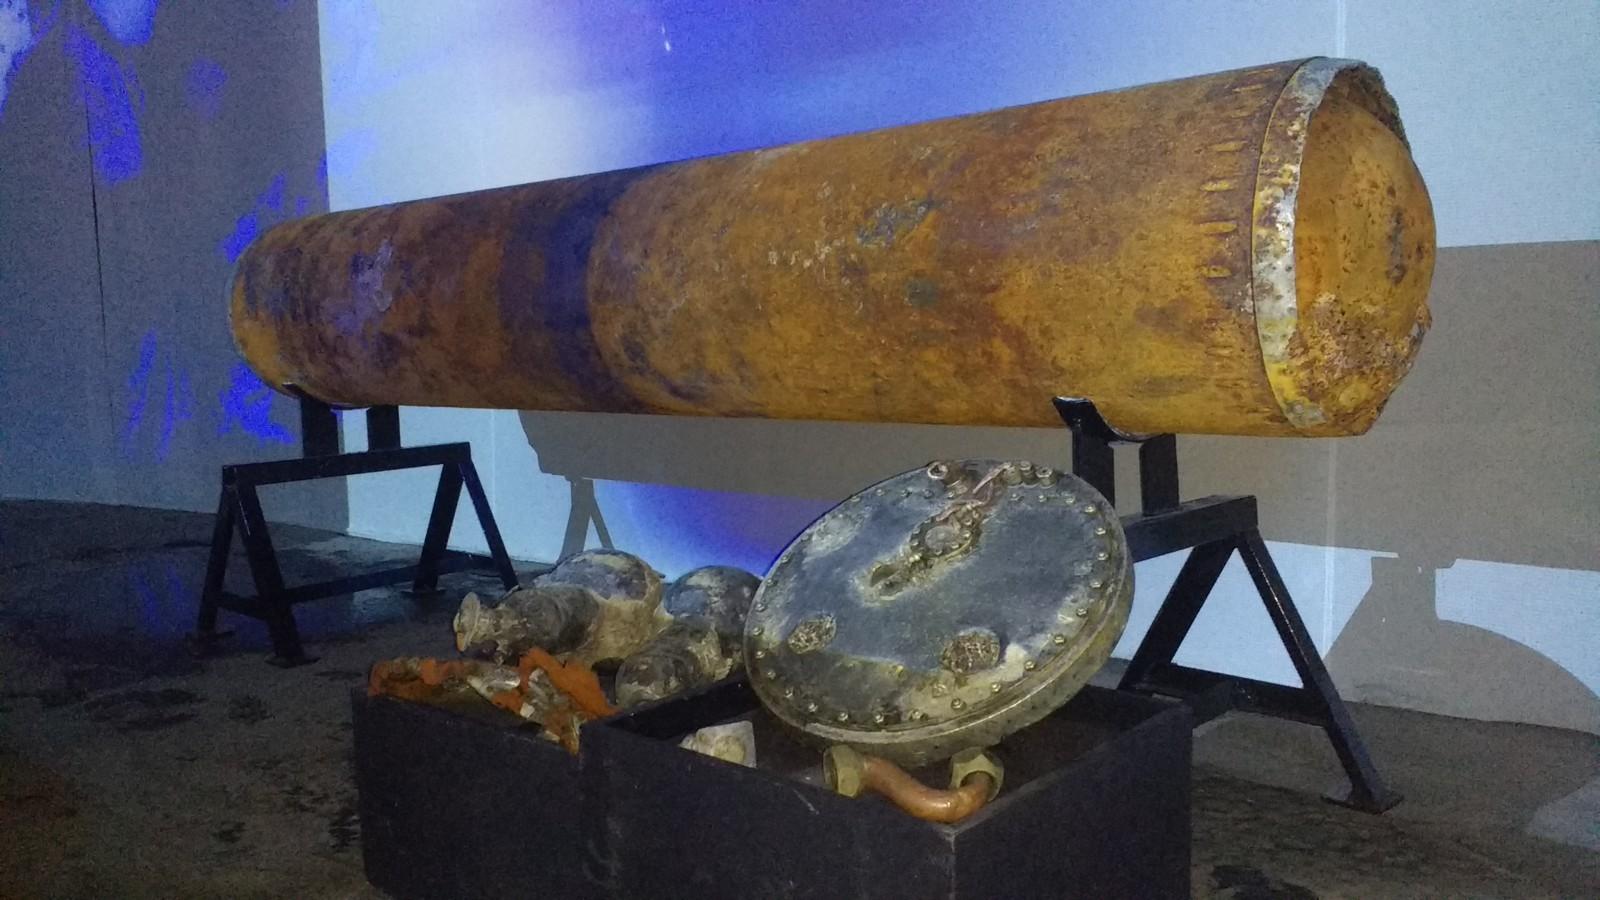 Torpedo pronađen pred Opatijom dopremljen na izložbu torpeda